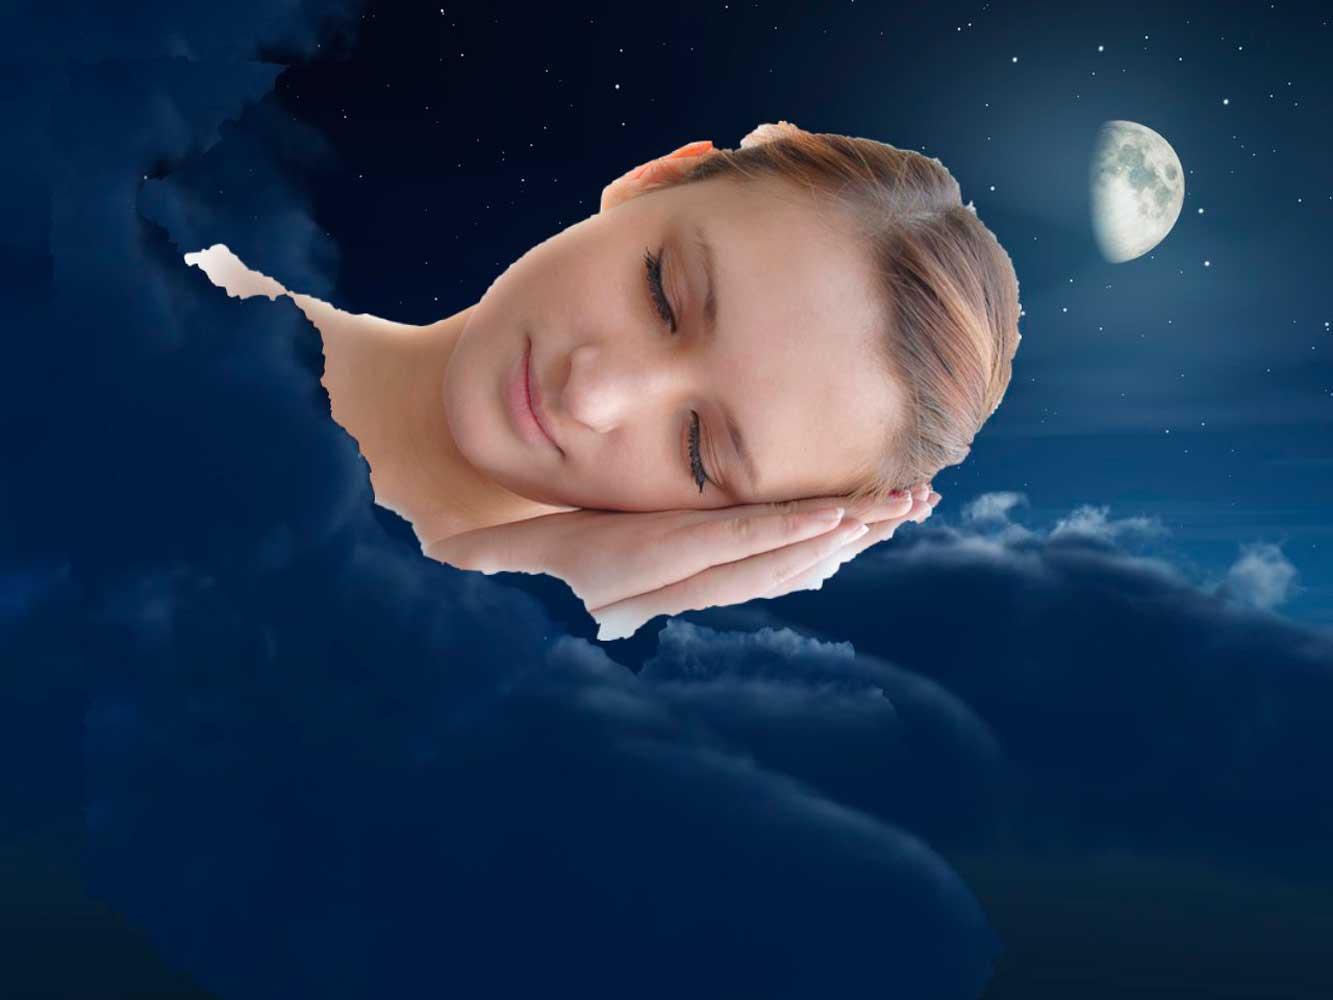 Как-быстро-заснуть